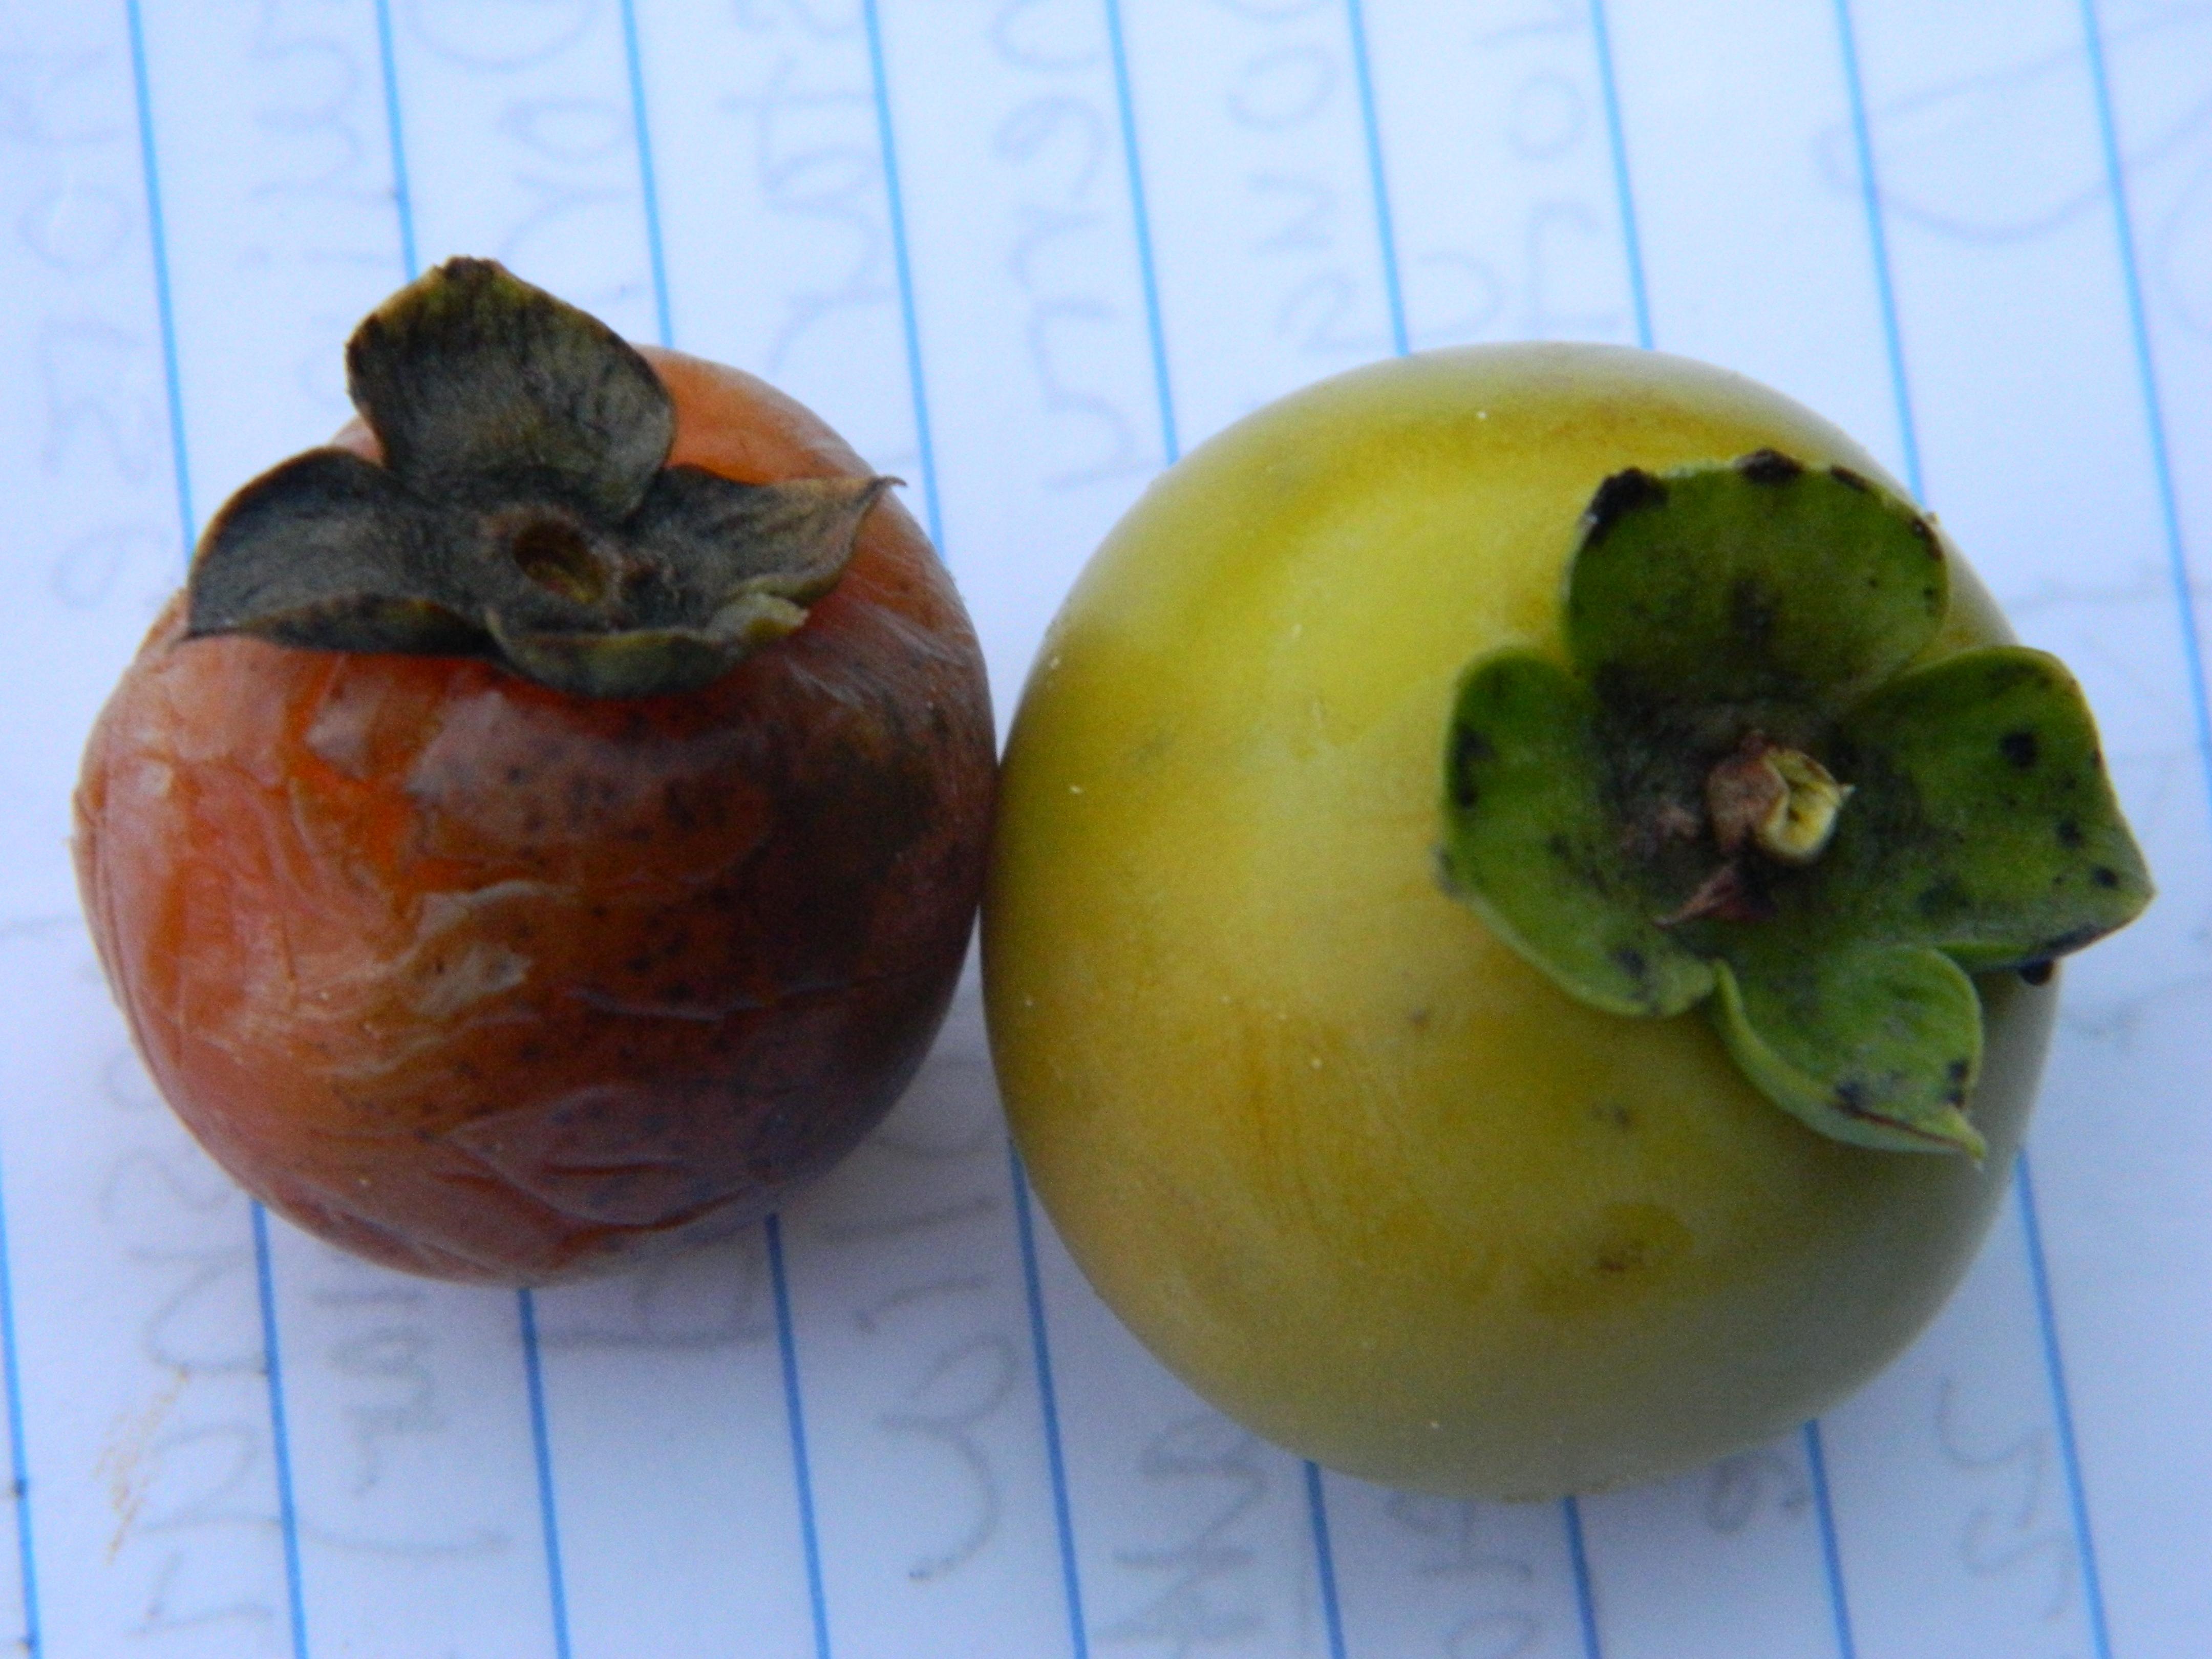 Ripe and Unripe Fruit